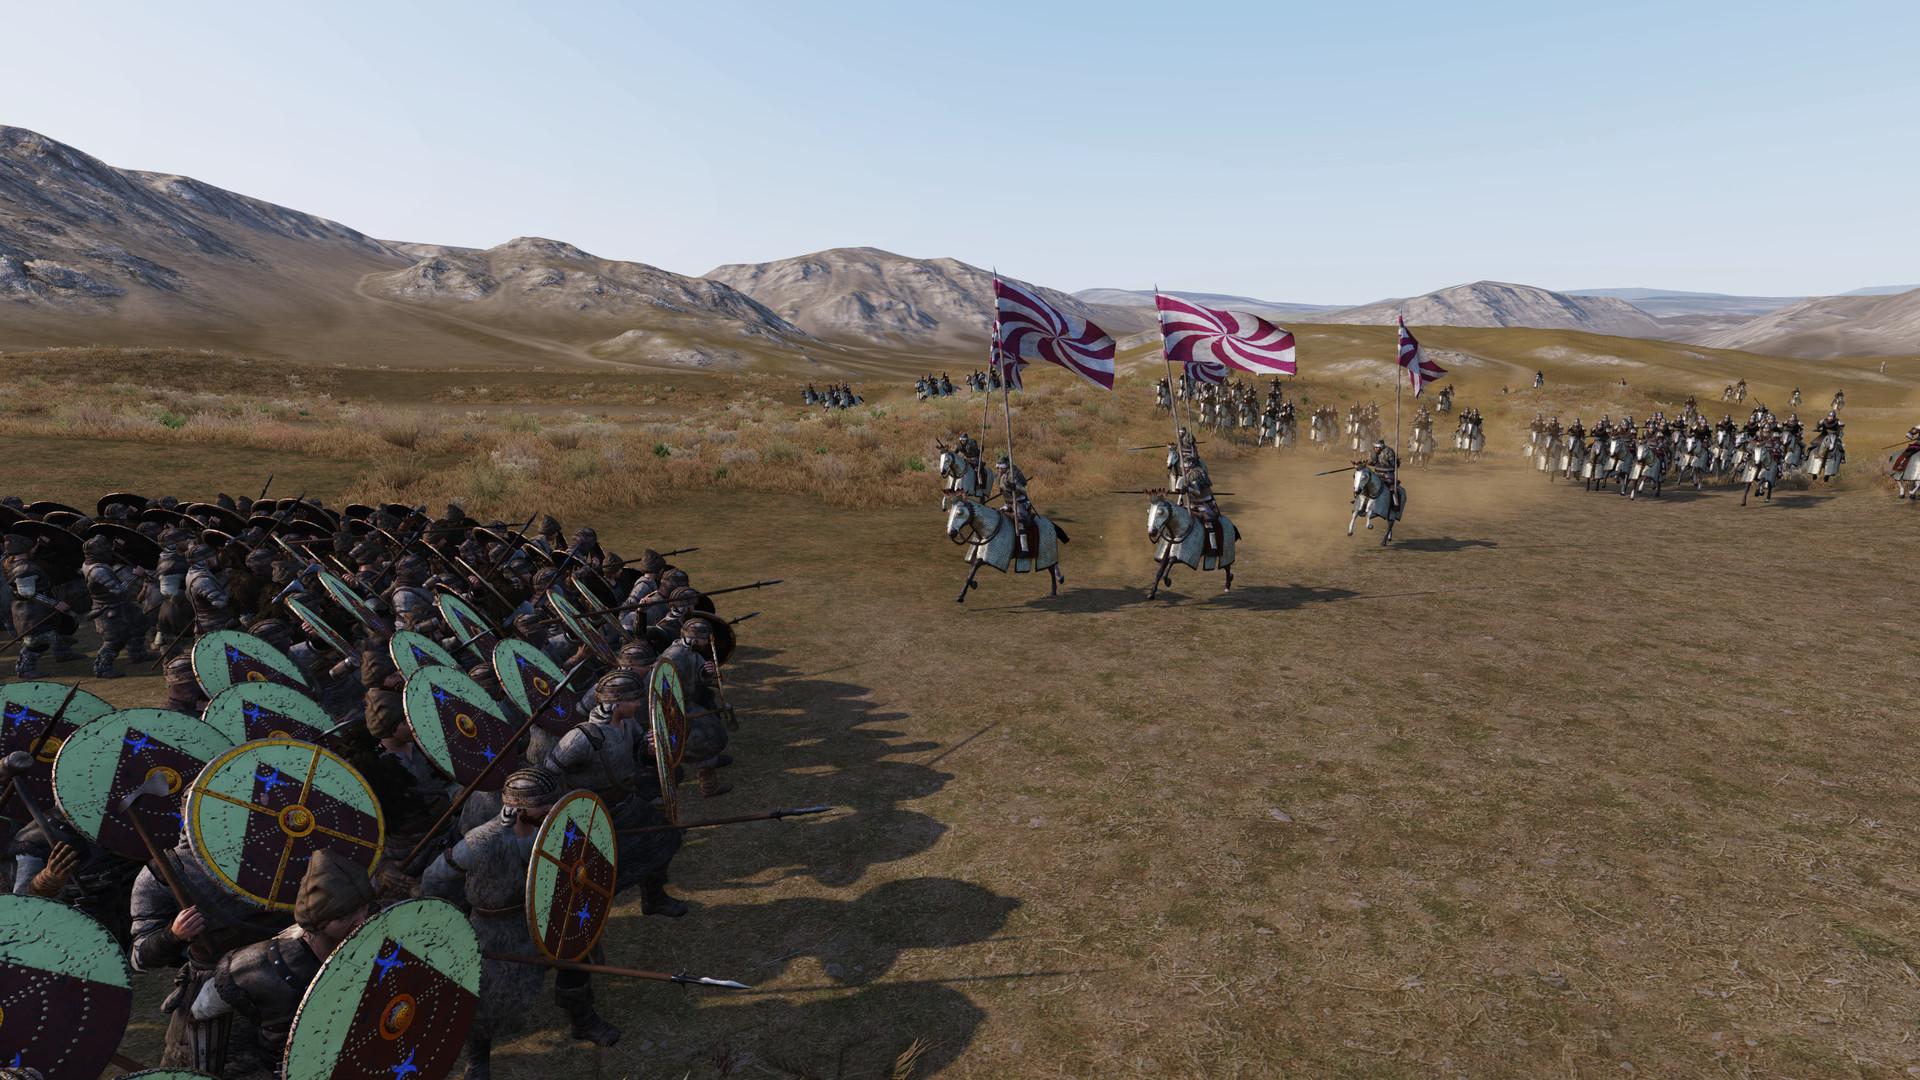 Mount & Blade II: Bannerlord, Indie, RPG, 2020